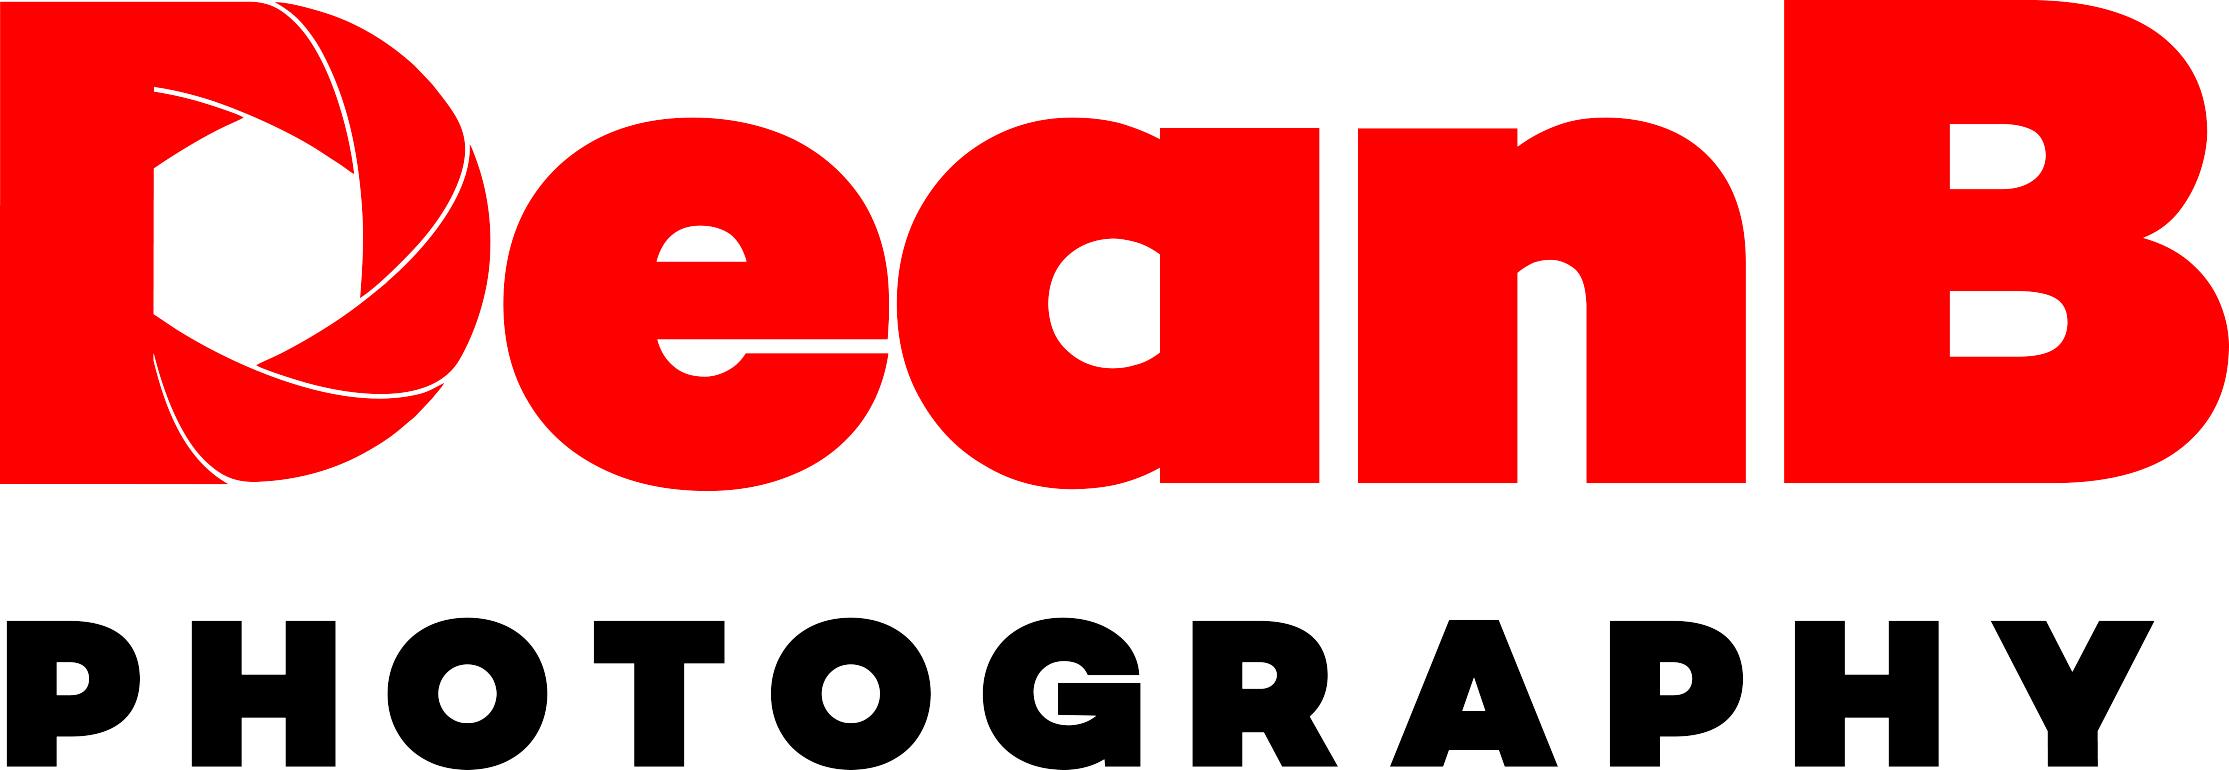 DeanBPhotography